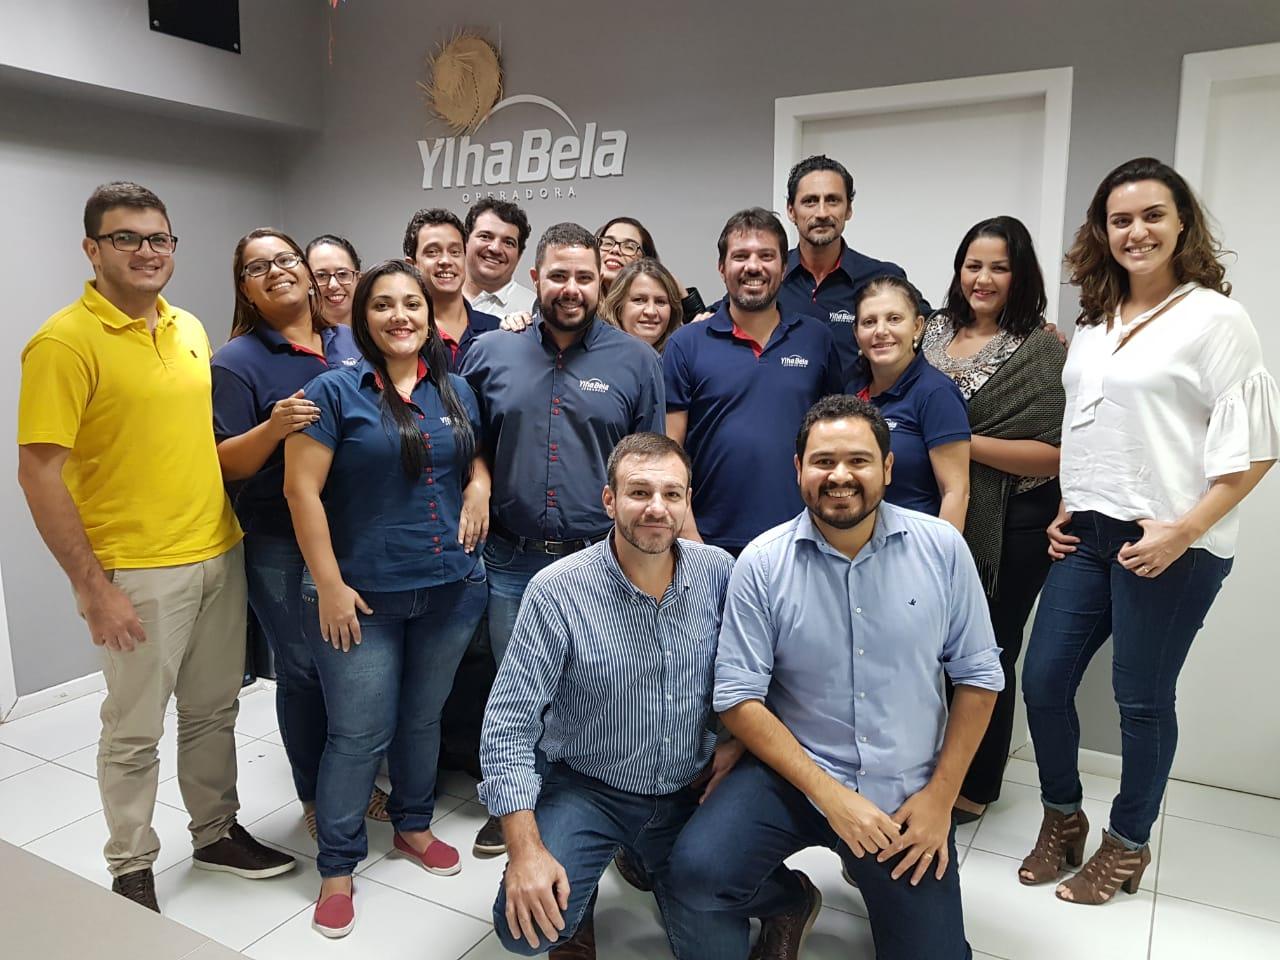 A cada dia maior equipe da Ylha Bela Operadora dá as boas-vindas ao time do Rio de Janeiro